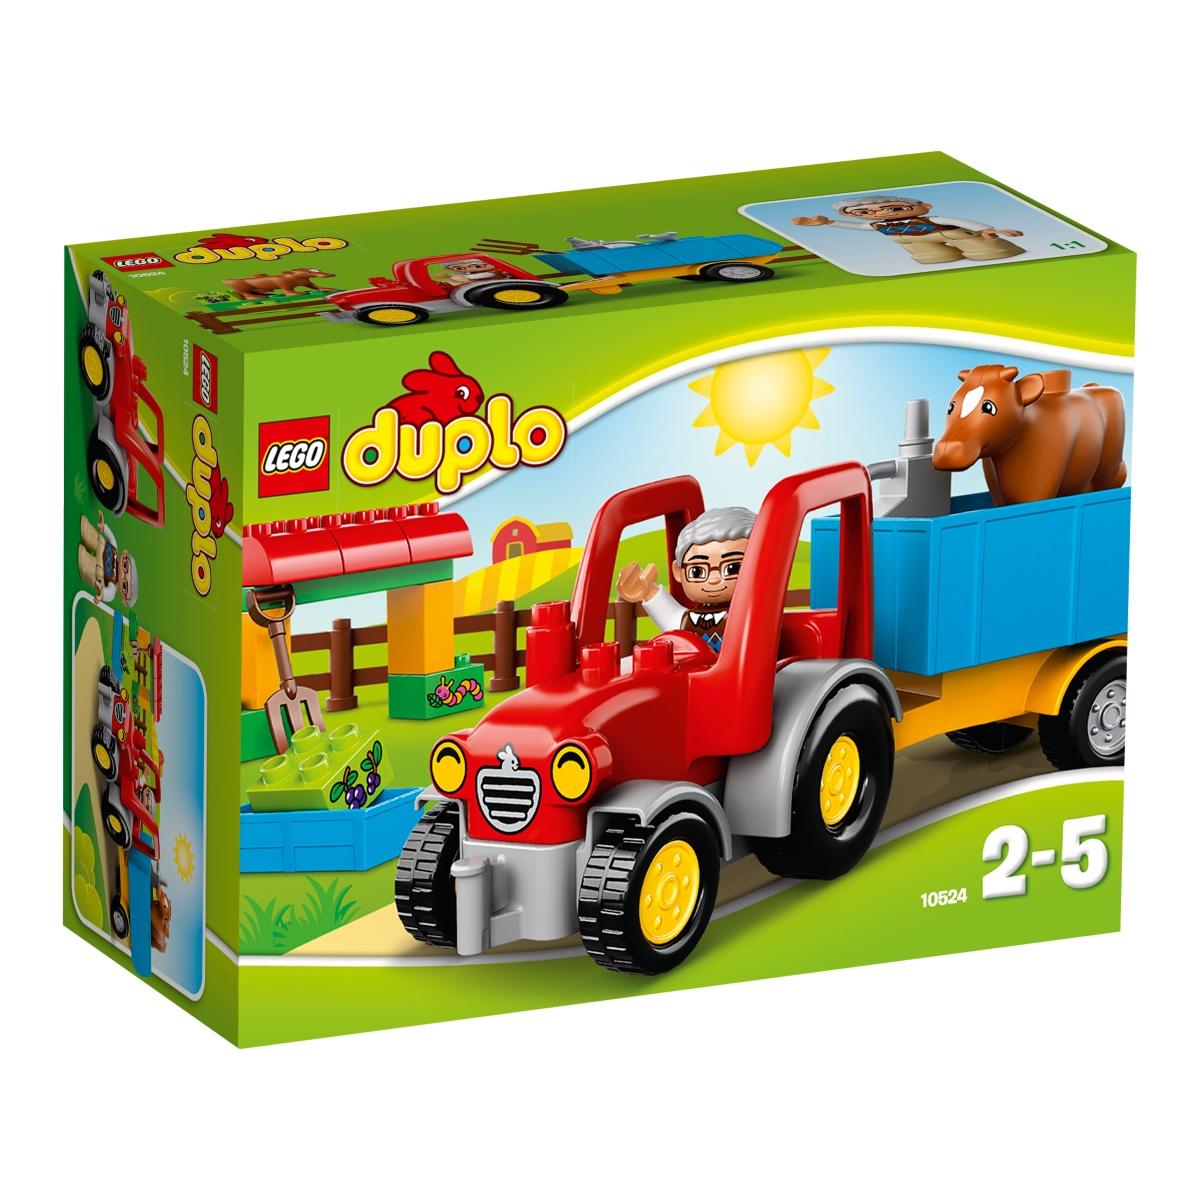 Đồ chơi Lego Duplo 10524 - Xe kéo nông trại